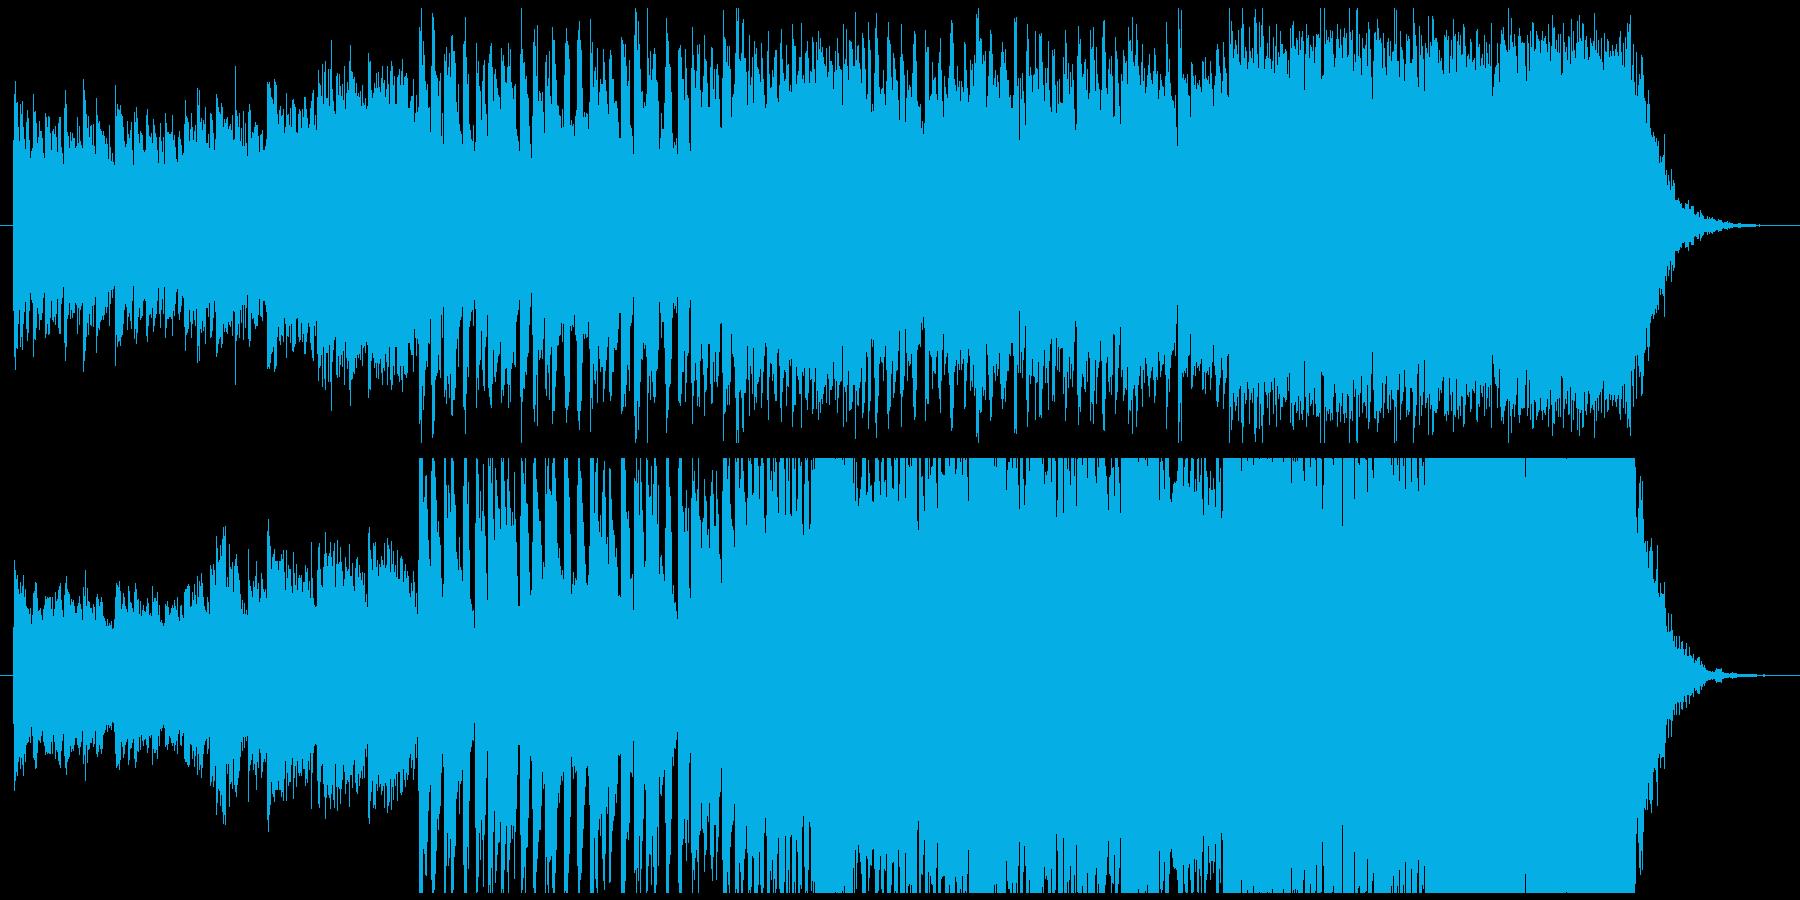 オープニングを予感させるワクワクする楽曲の再生済みの波形